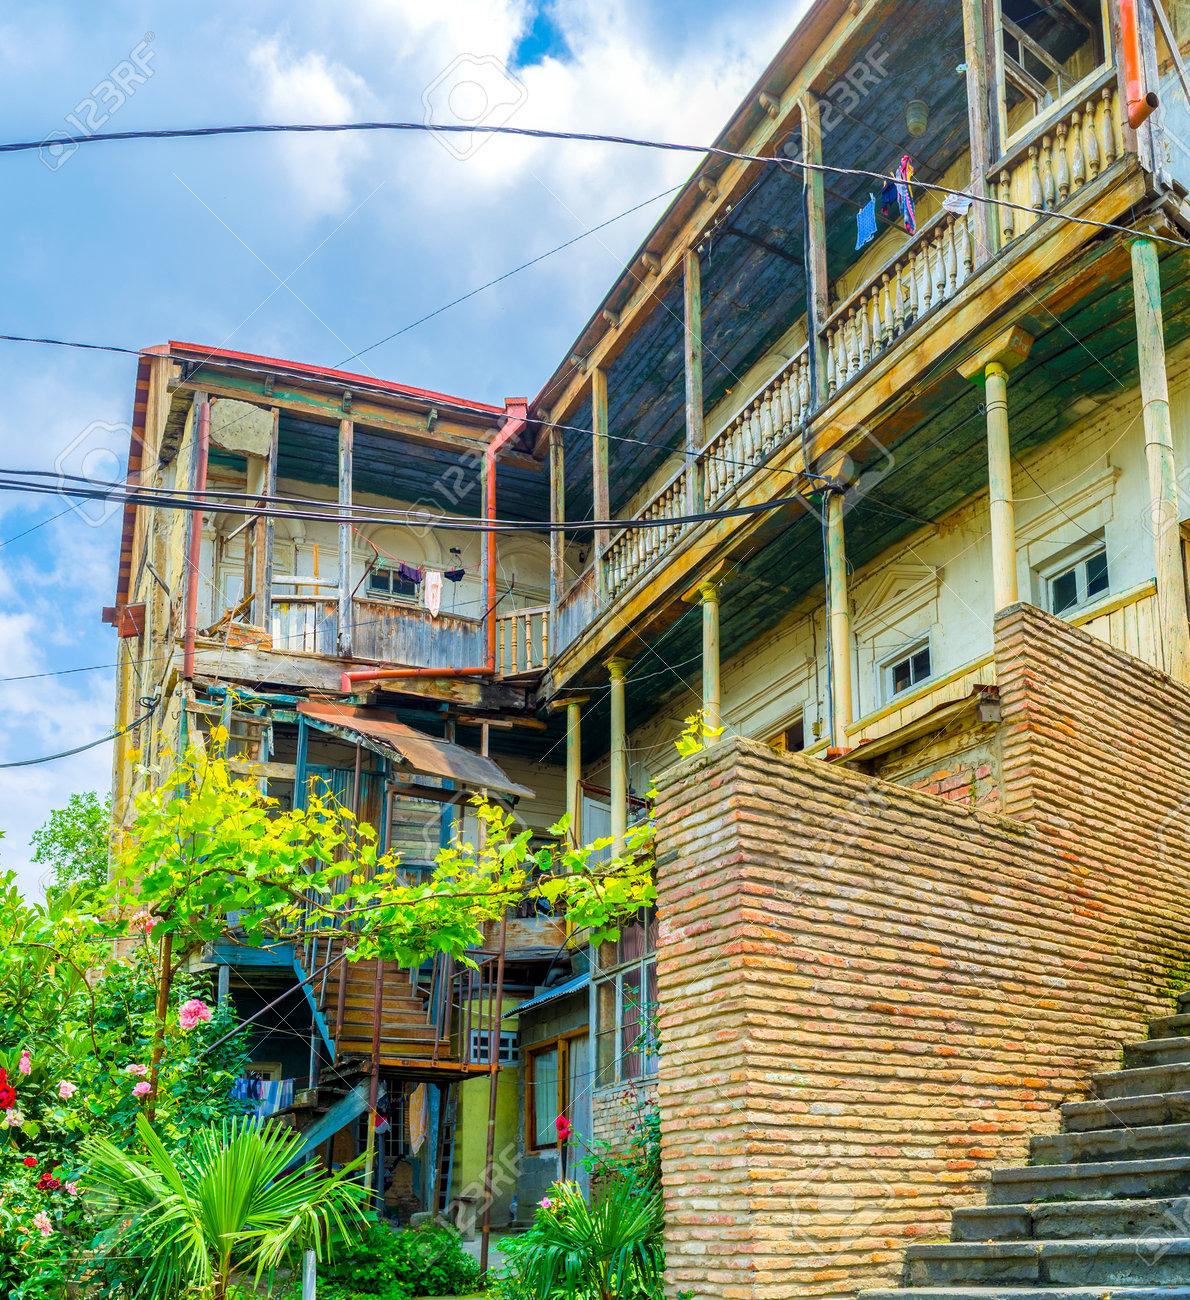 Das Alte Wohnhaus Am Hang Des Sololaki Hugels Mit Traditioneller